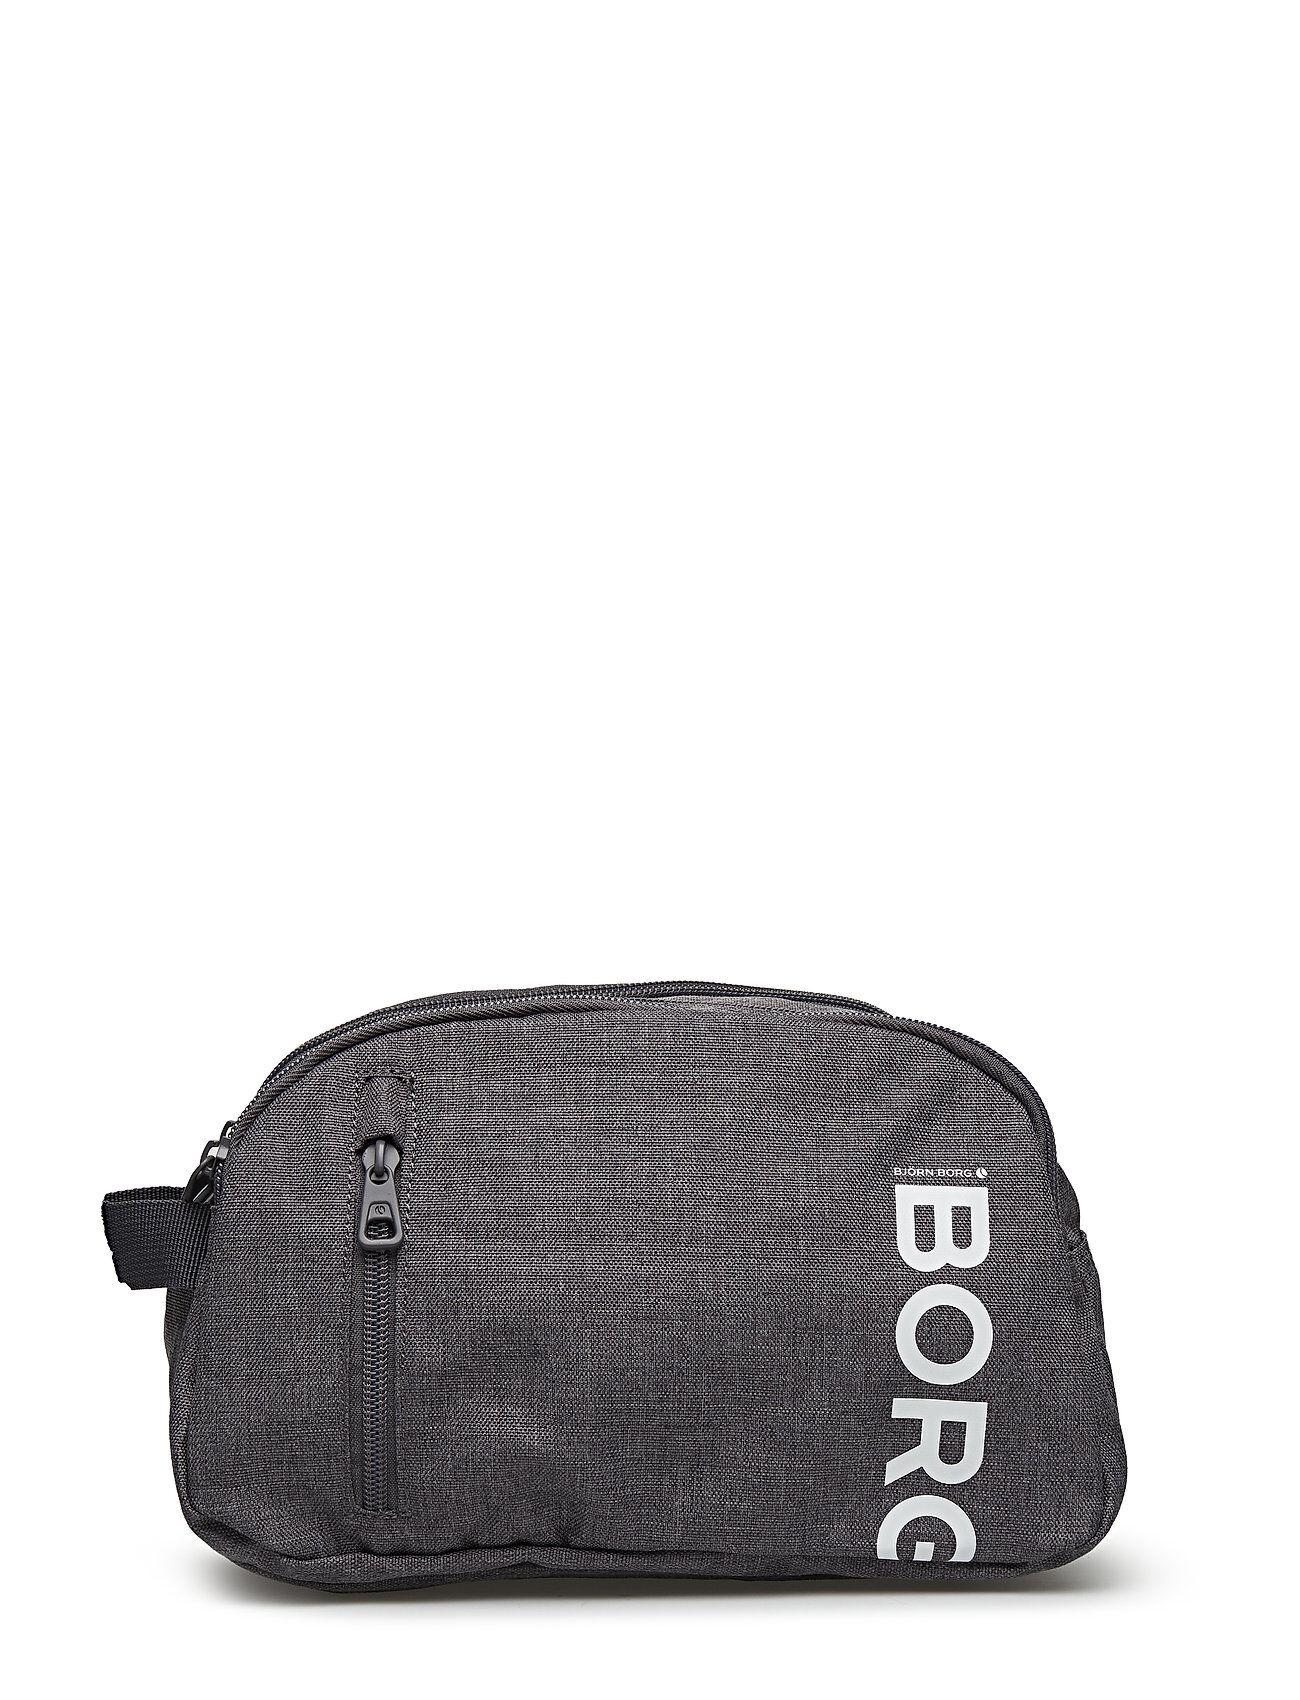 Björn Borg Bags Core